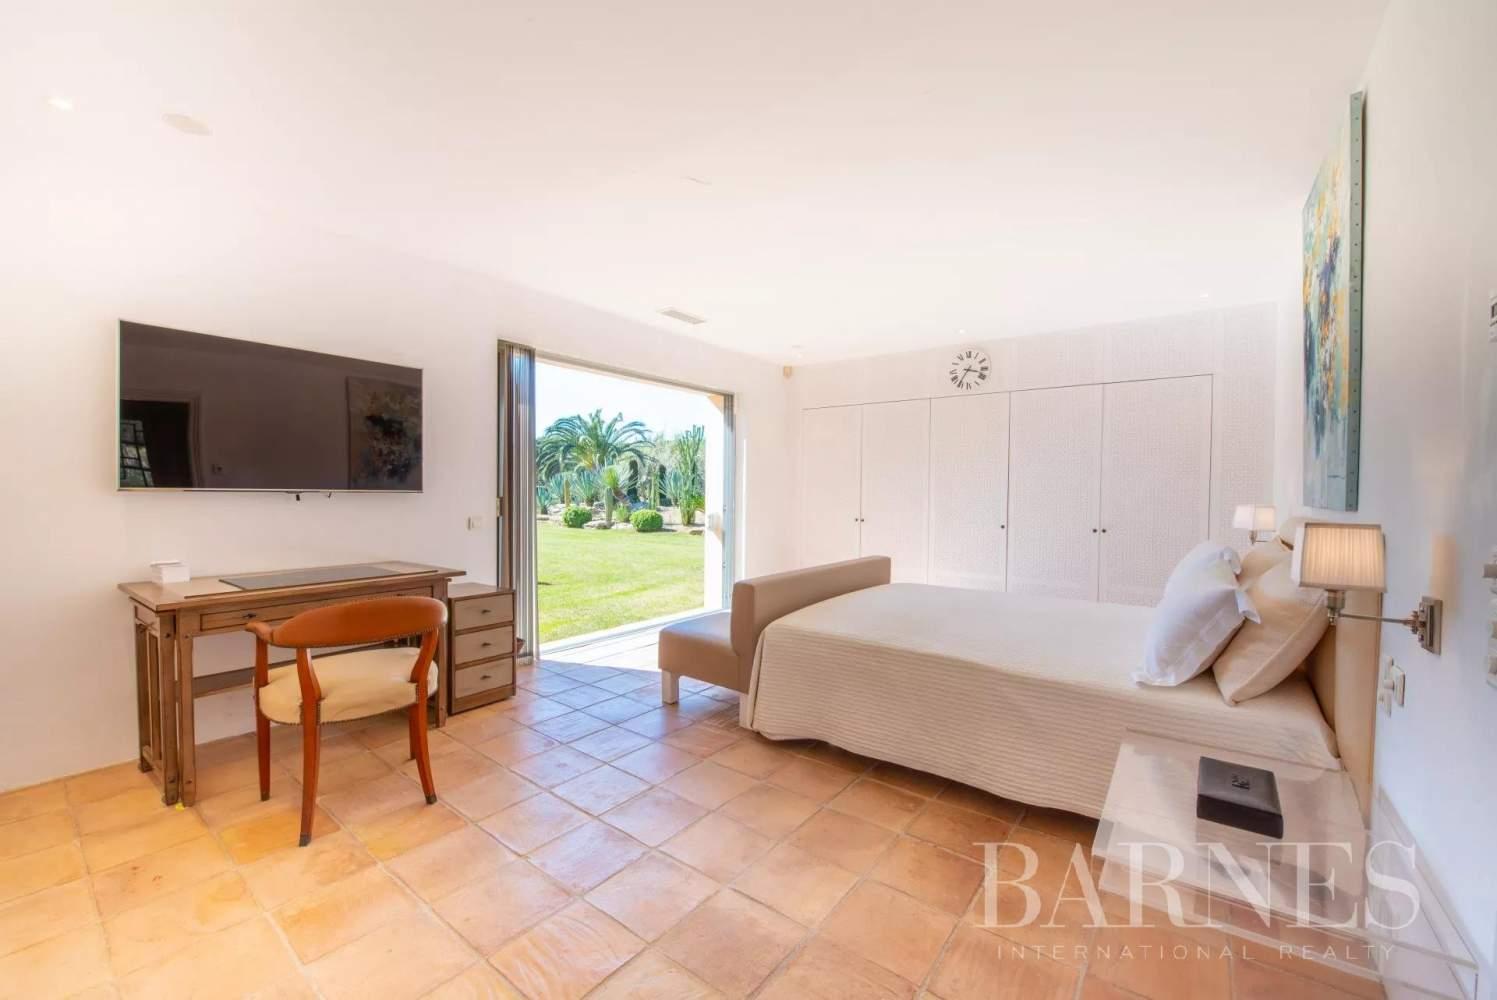 Saint-Tropez  - Villa  4 Chambres - picture 11